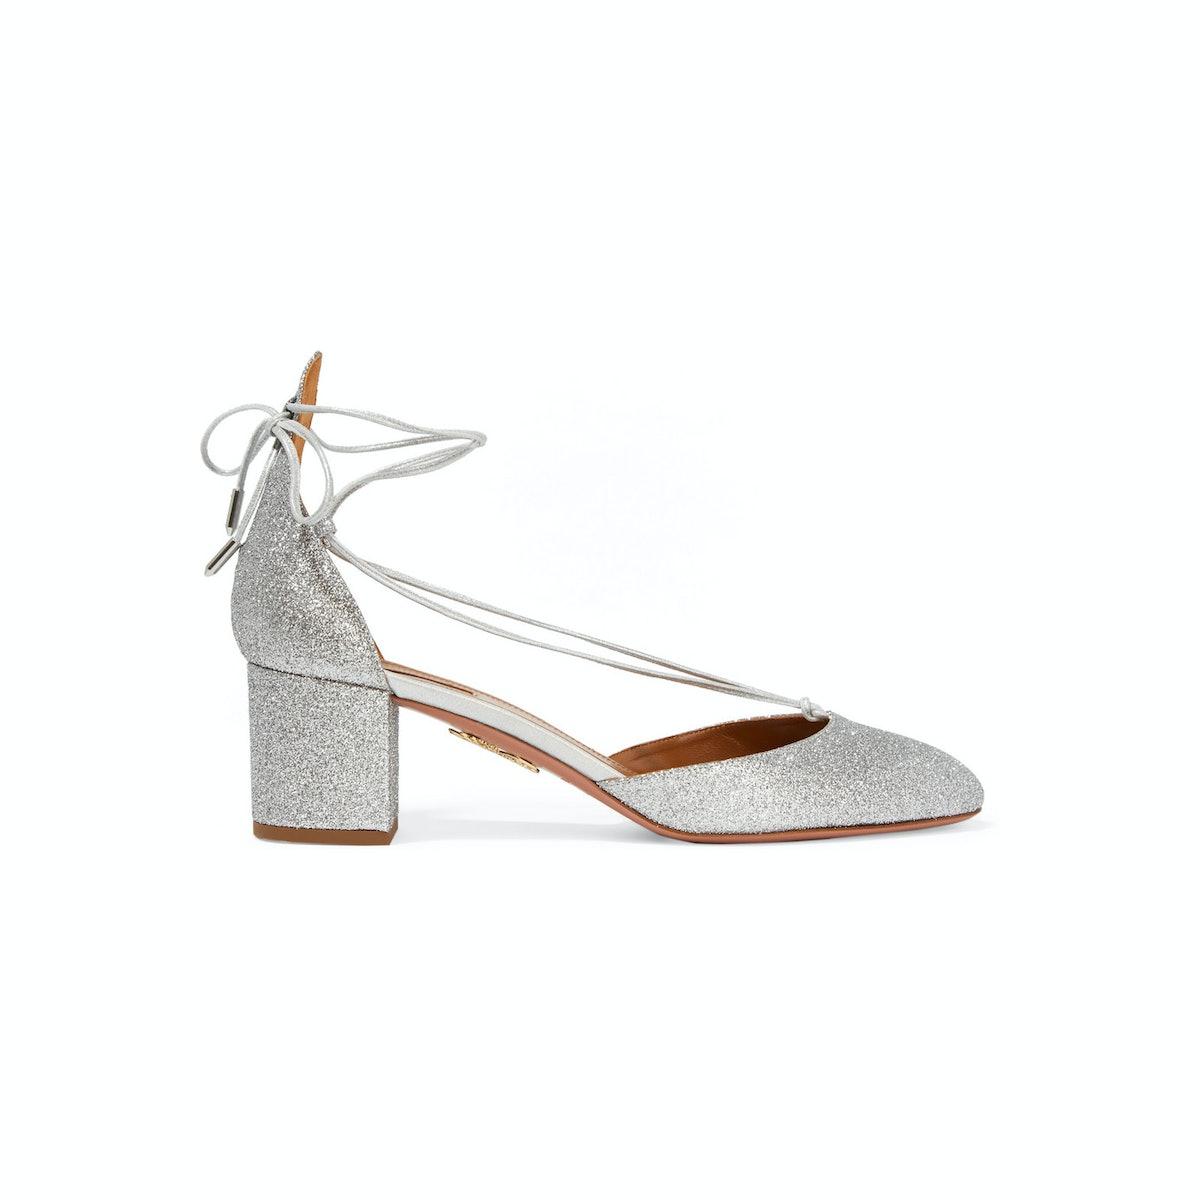 Aquazurra shoes